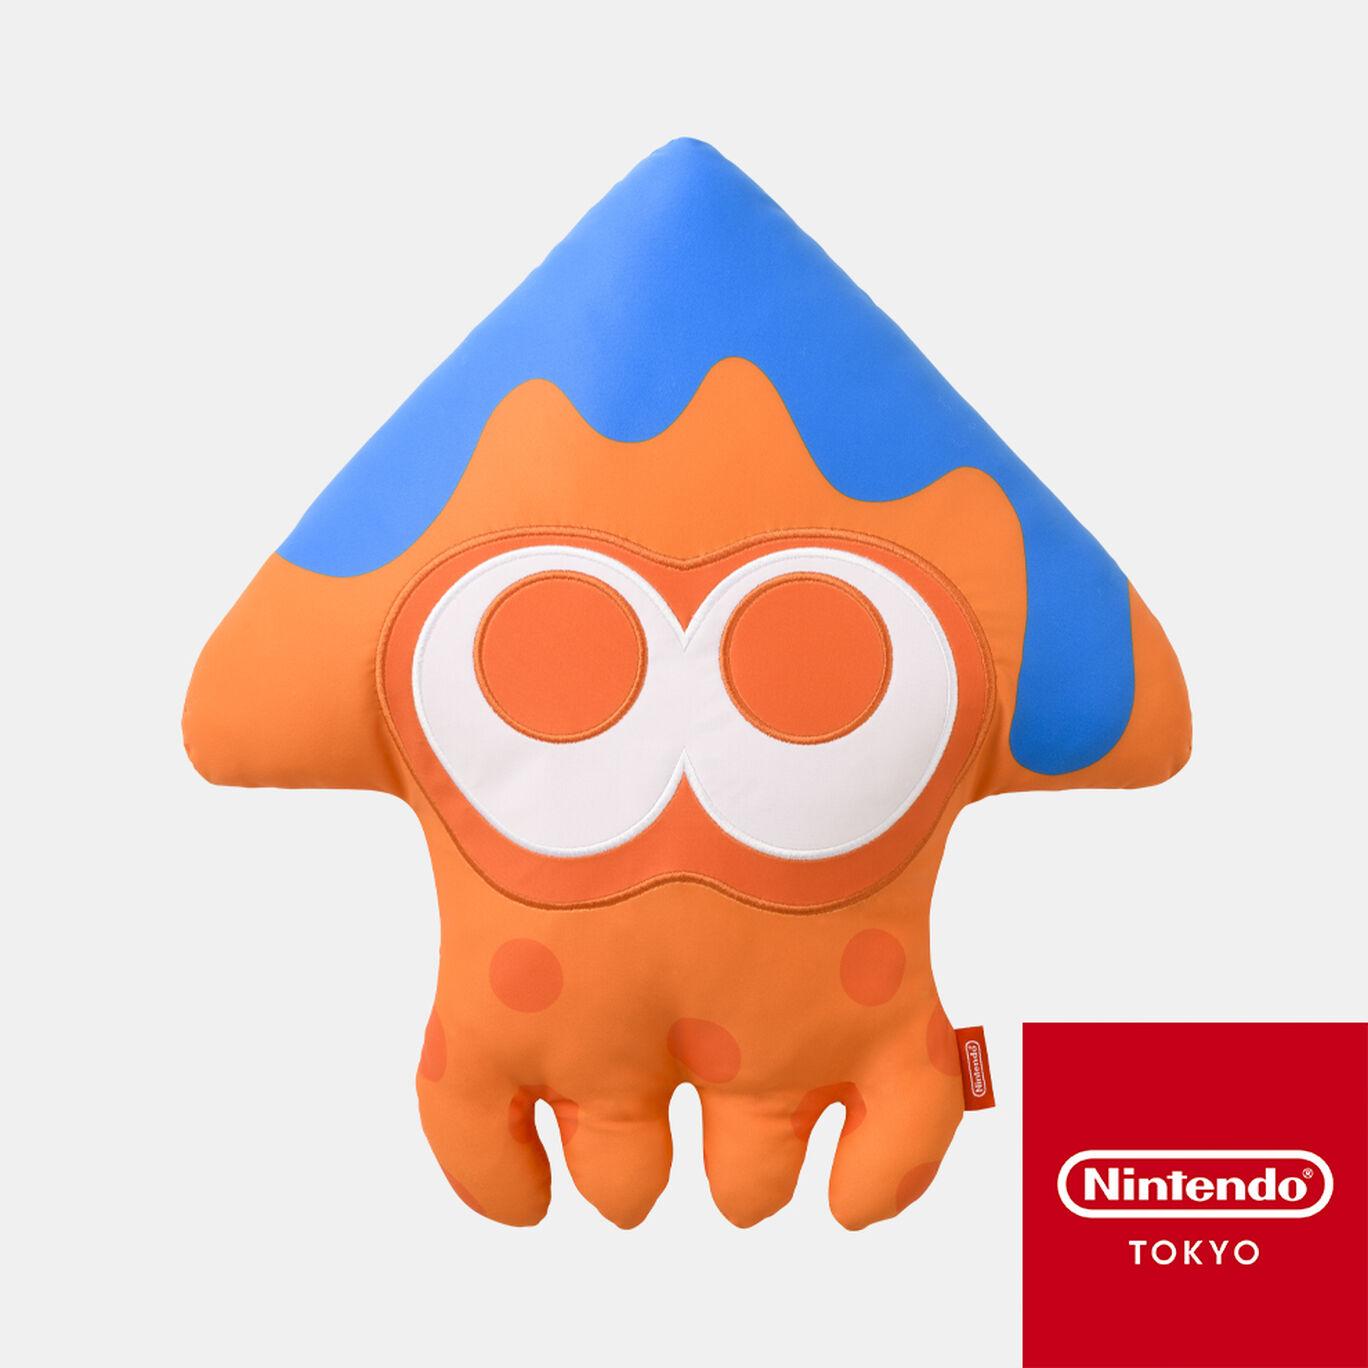 イカクッション オレンジ INK YOU UP【Nintendo TOKYO取り扱い商品】